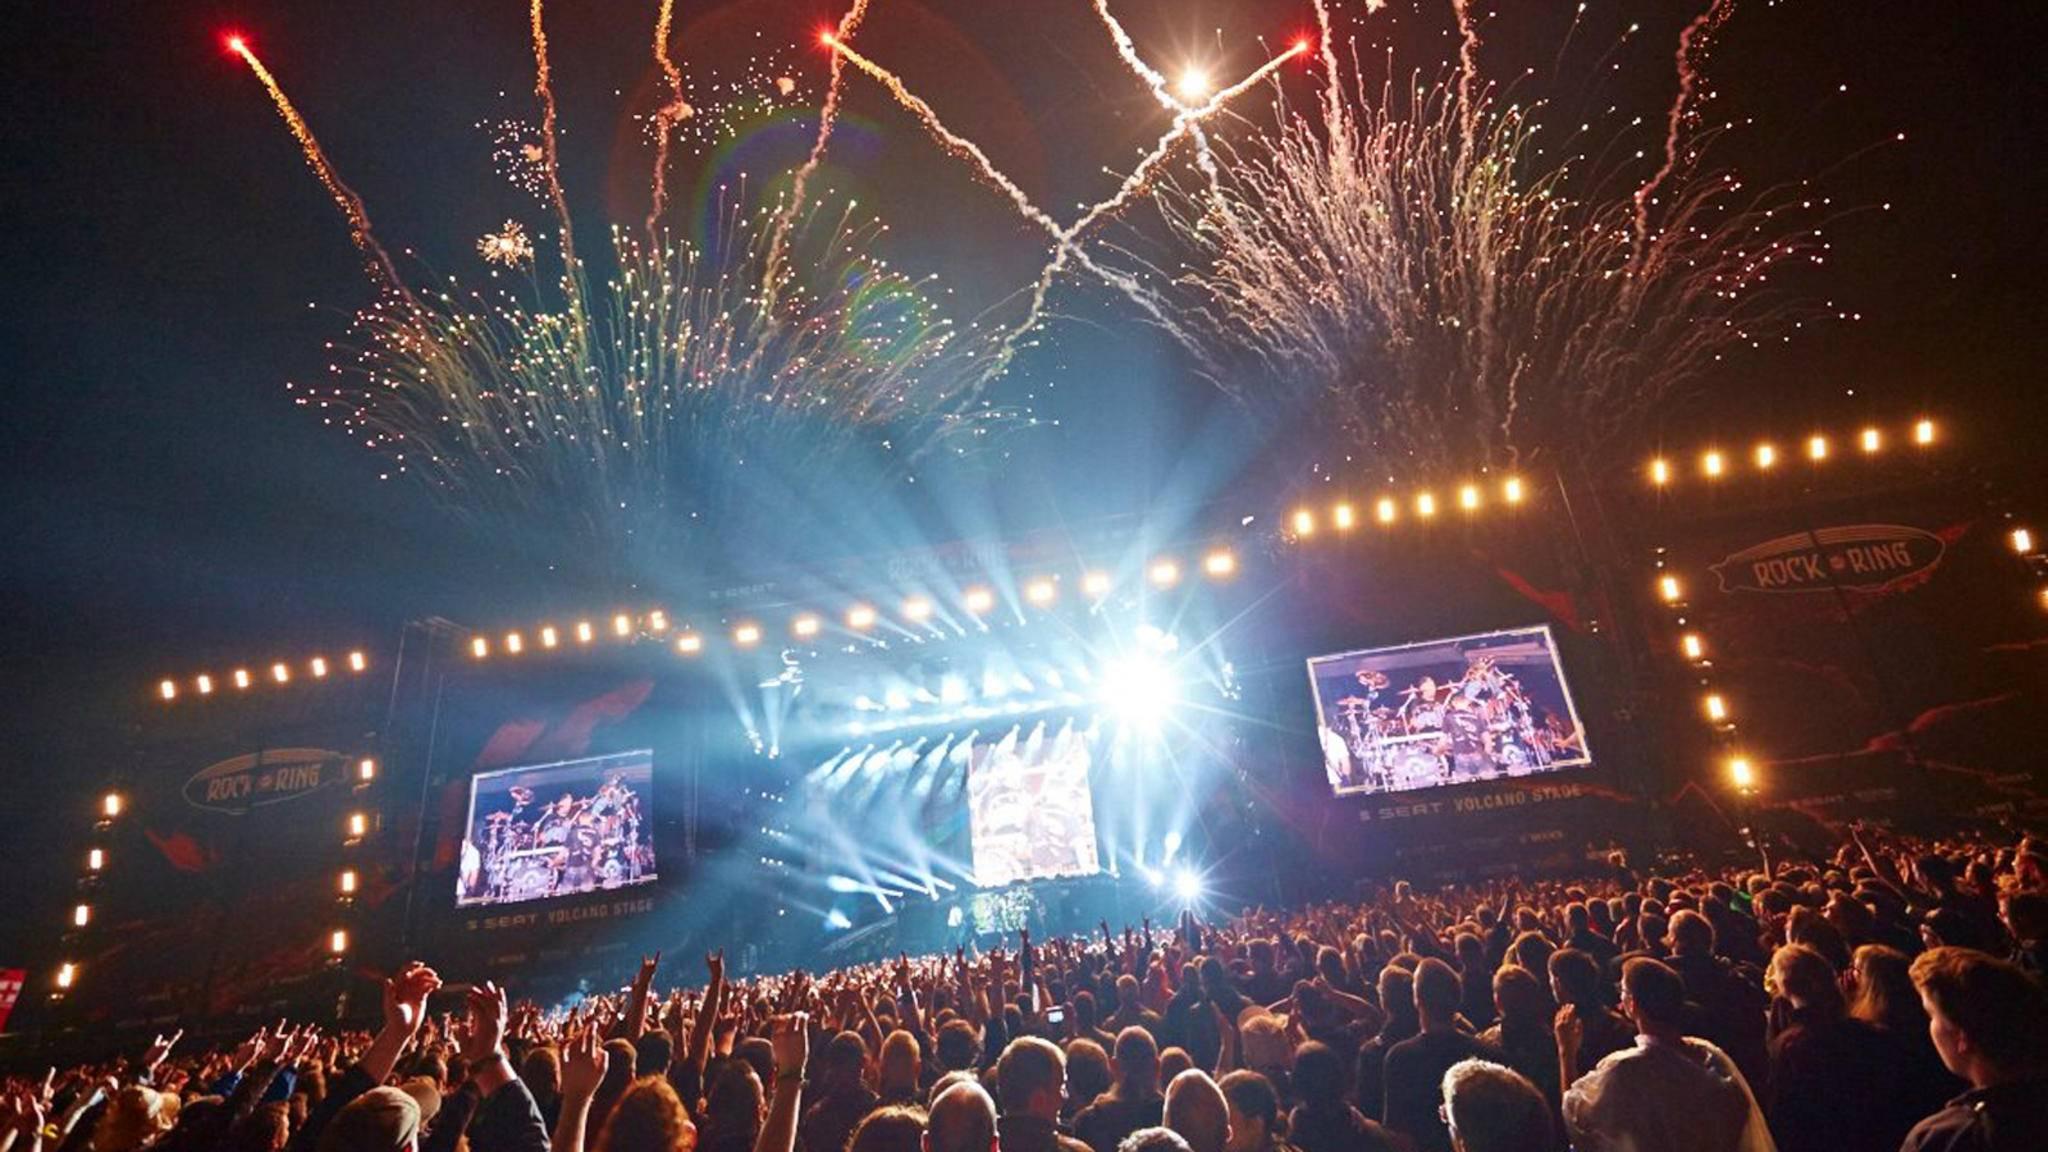 Wer kein Ticket für Rock am Ring 2017 ergattert hat, kann sich mit dem Livestream und der Übertragung im TV behelfen.